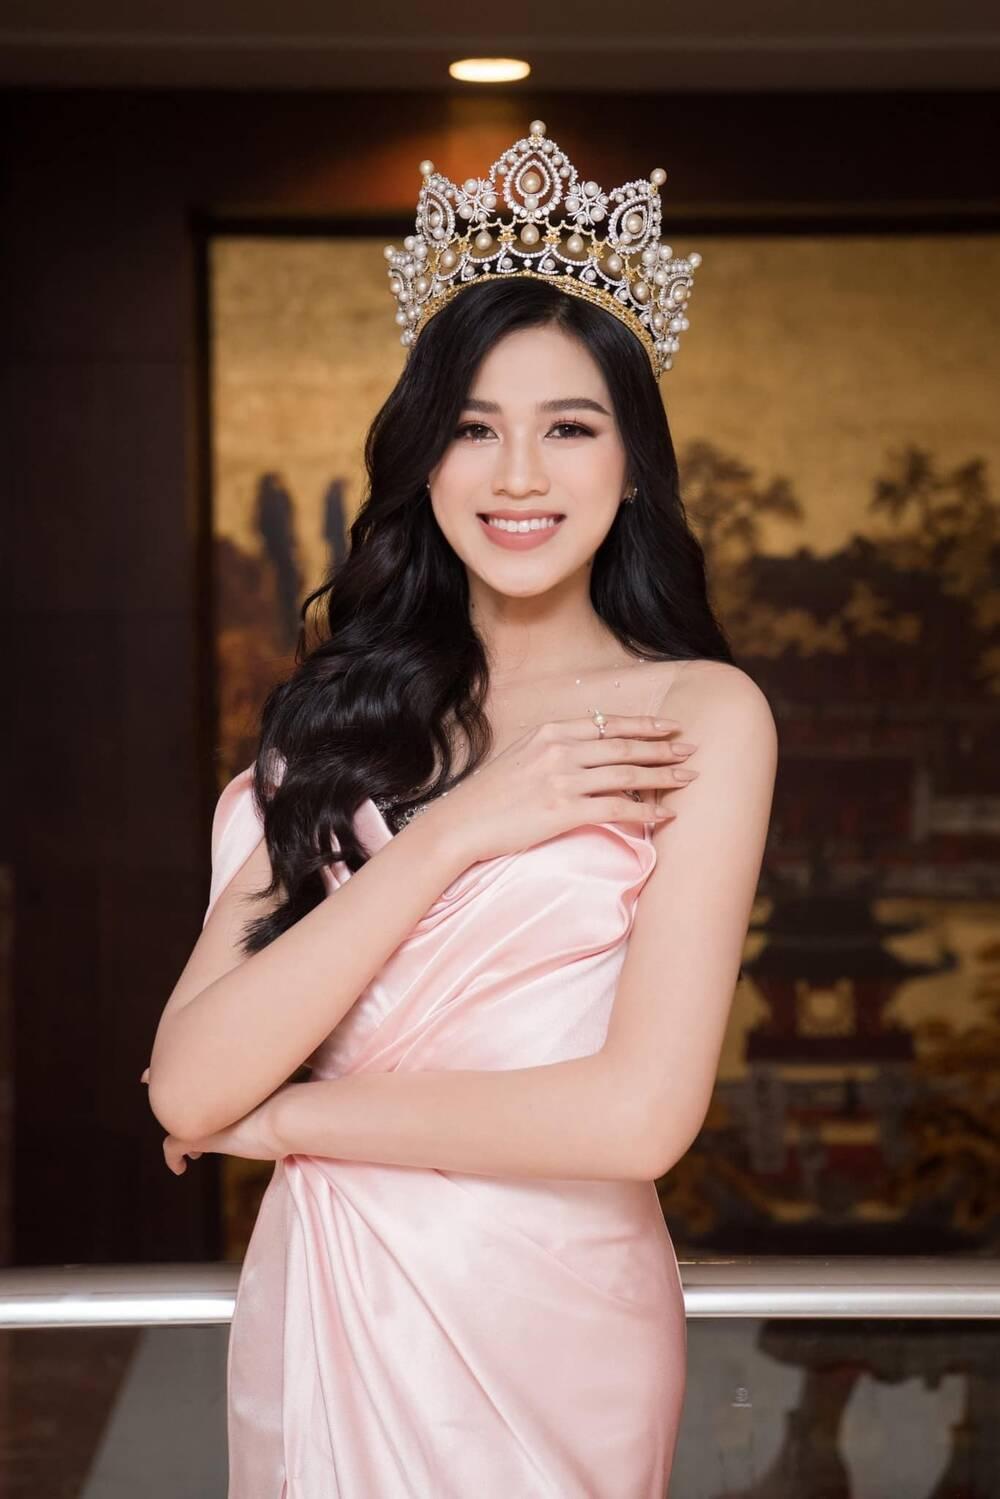 Từng bị chê tơi tả vì kém sắc, hoa hậu Đỗ Thị Hà lấy lại phong độ: Đơn giản mà lại xinh ngút ngàn! Ảnh 10